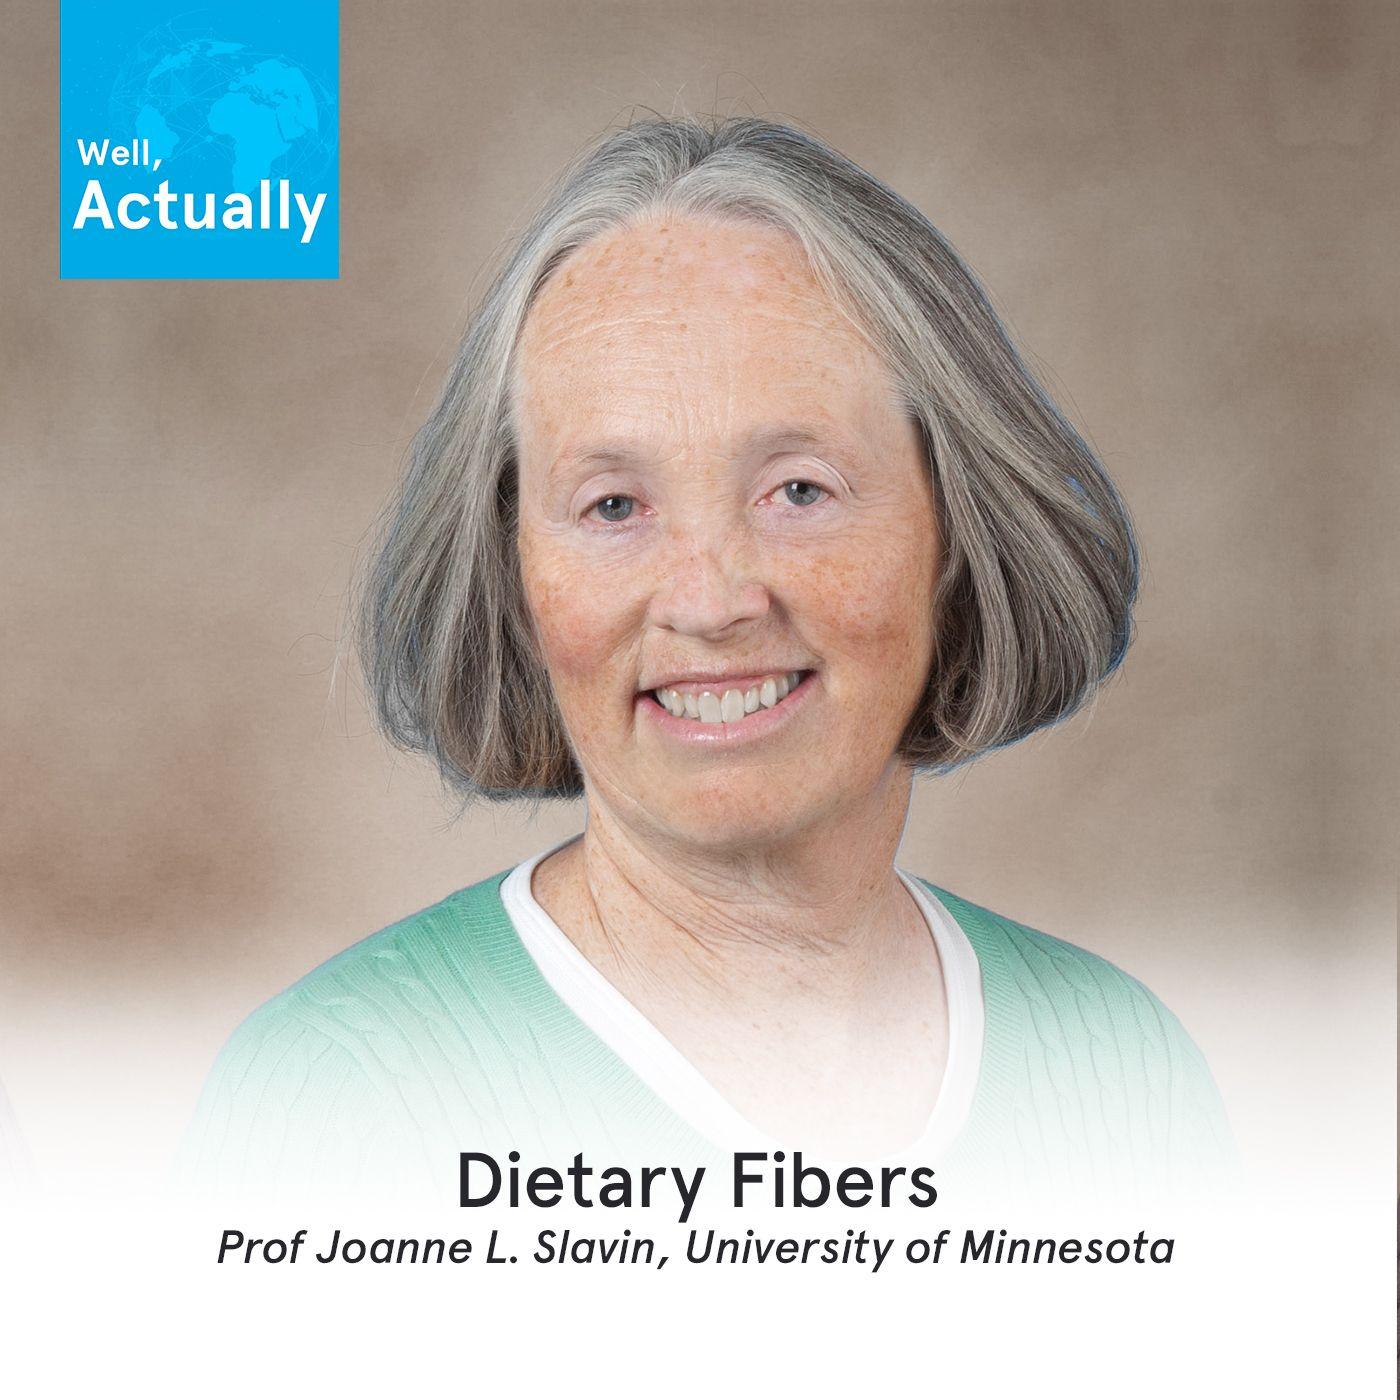 04 - Dietary Fibers & Recommendations | Prof Joanne Slavin